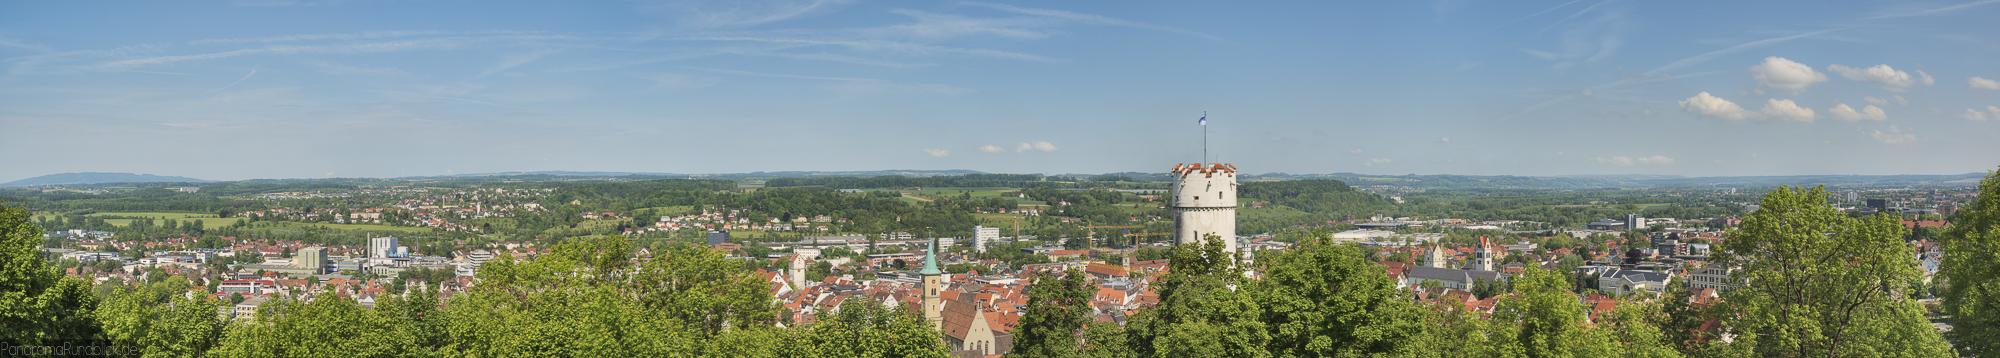 Panoramafoto von der hystorischen Altstadt Ravensburg